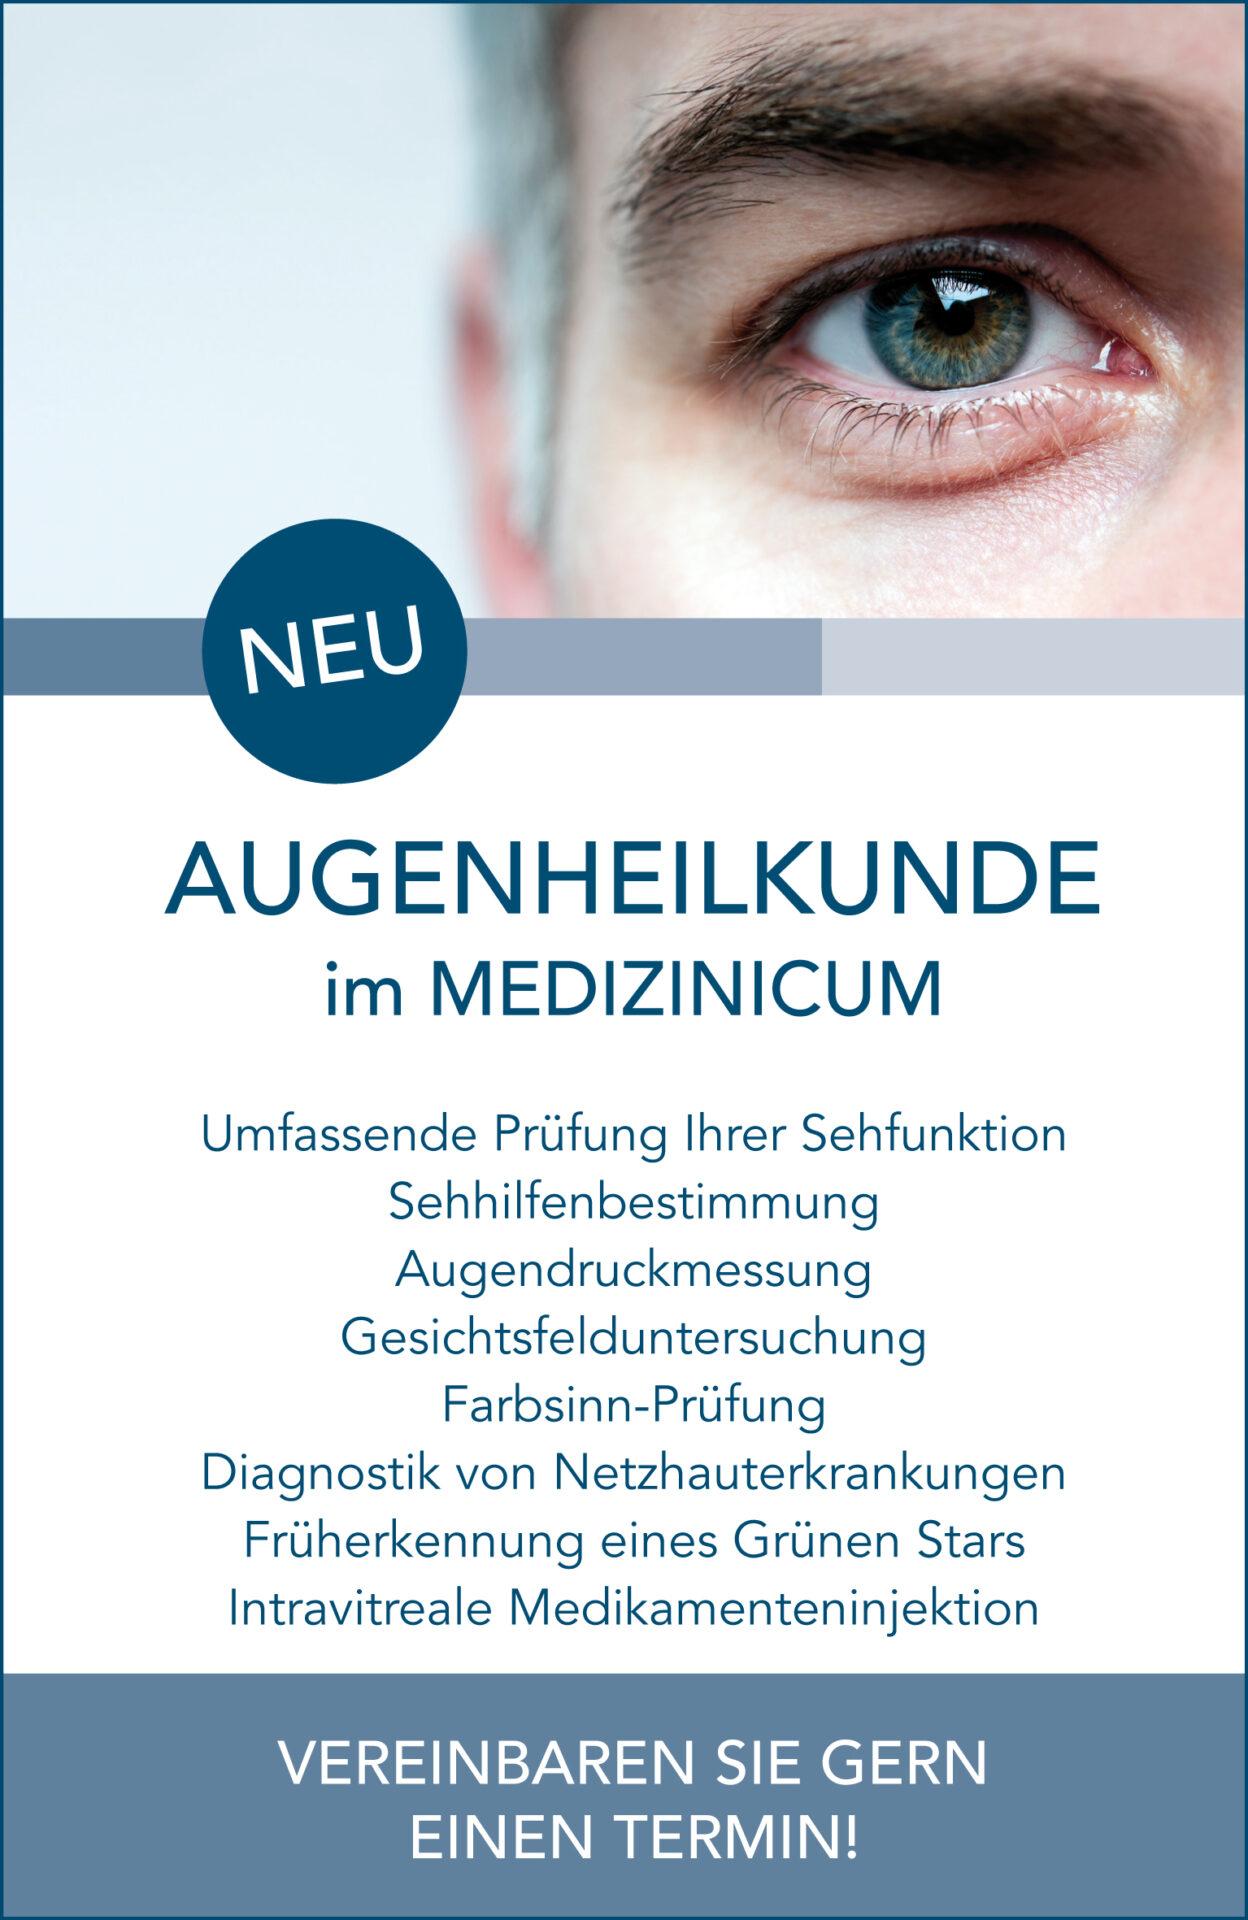 Augenheilkunde PopUp Hinweis - MEDIZINICUM Hamburg